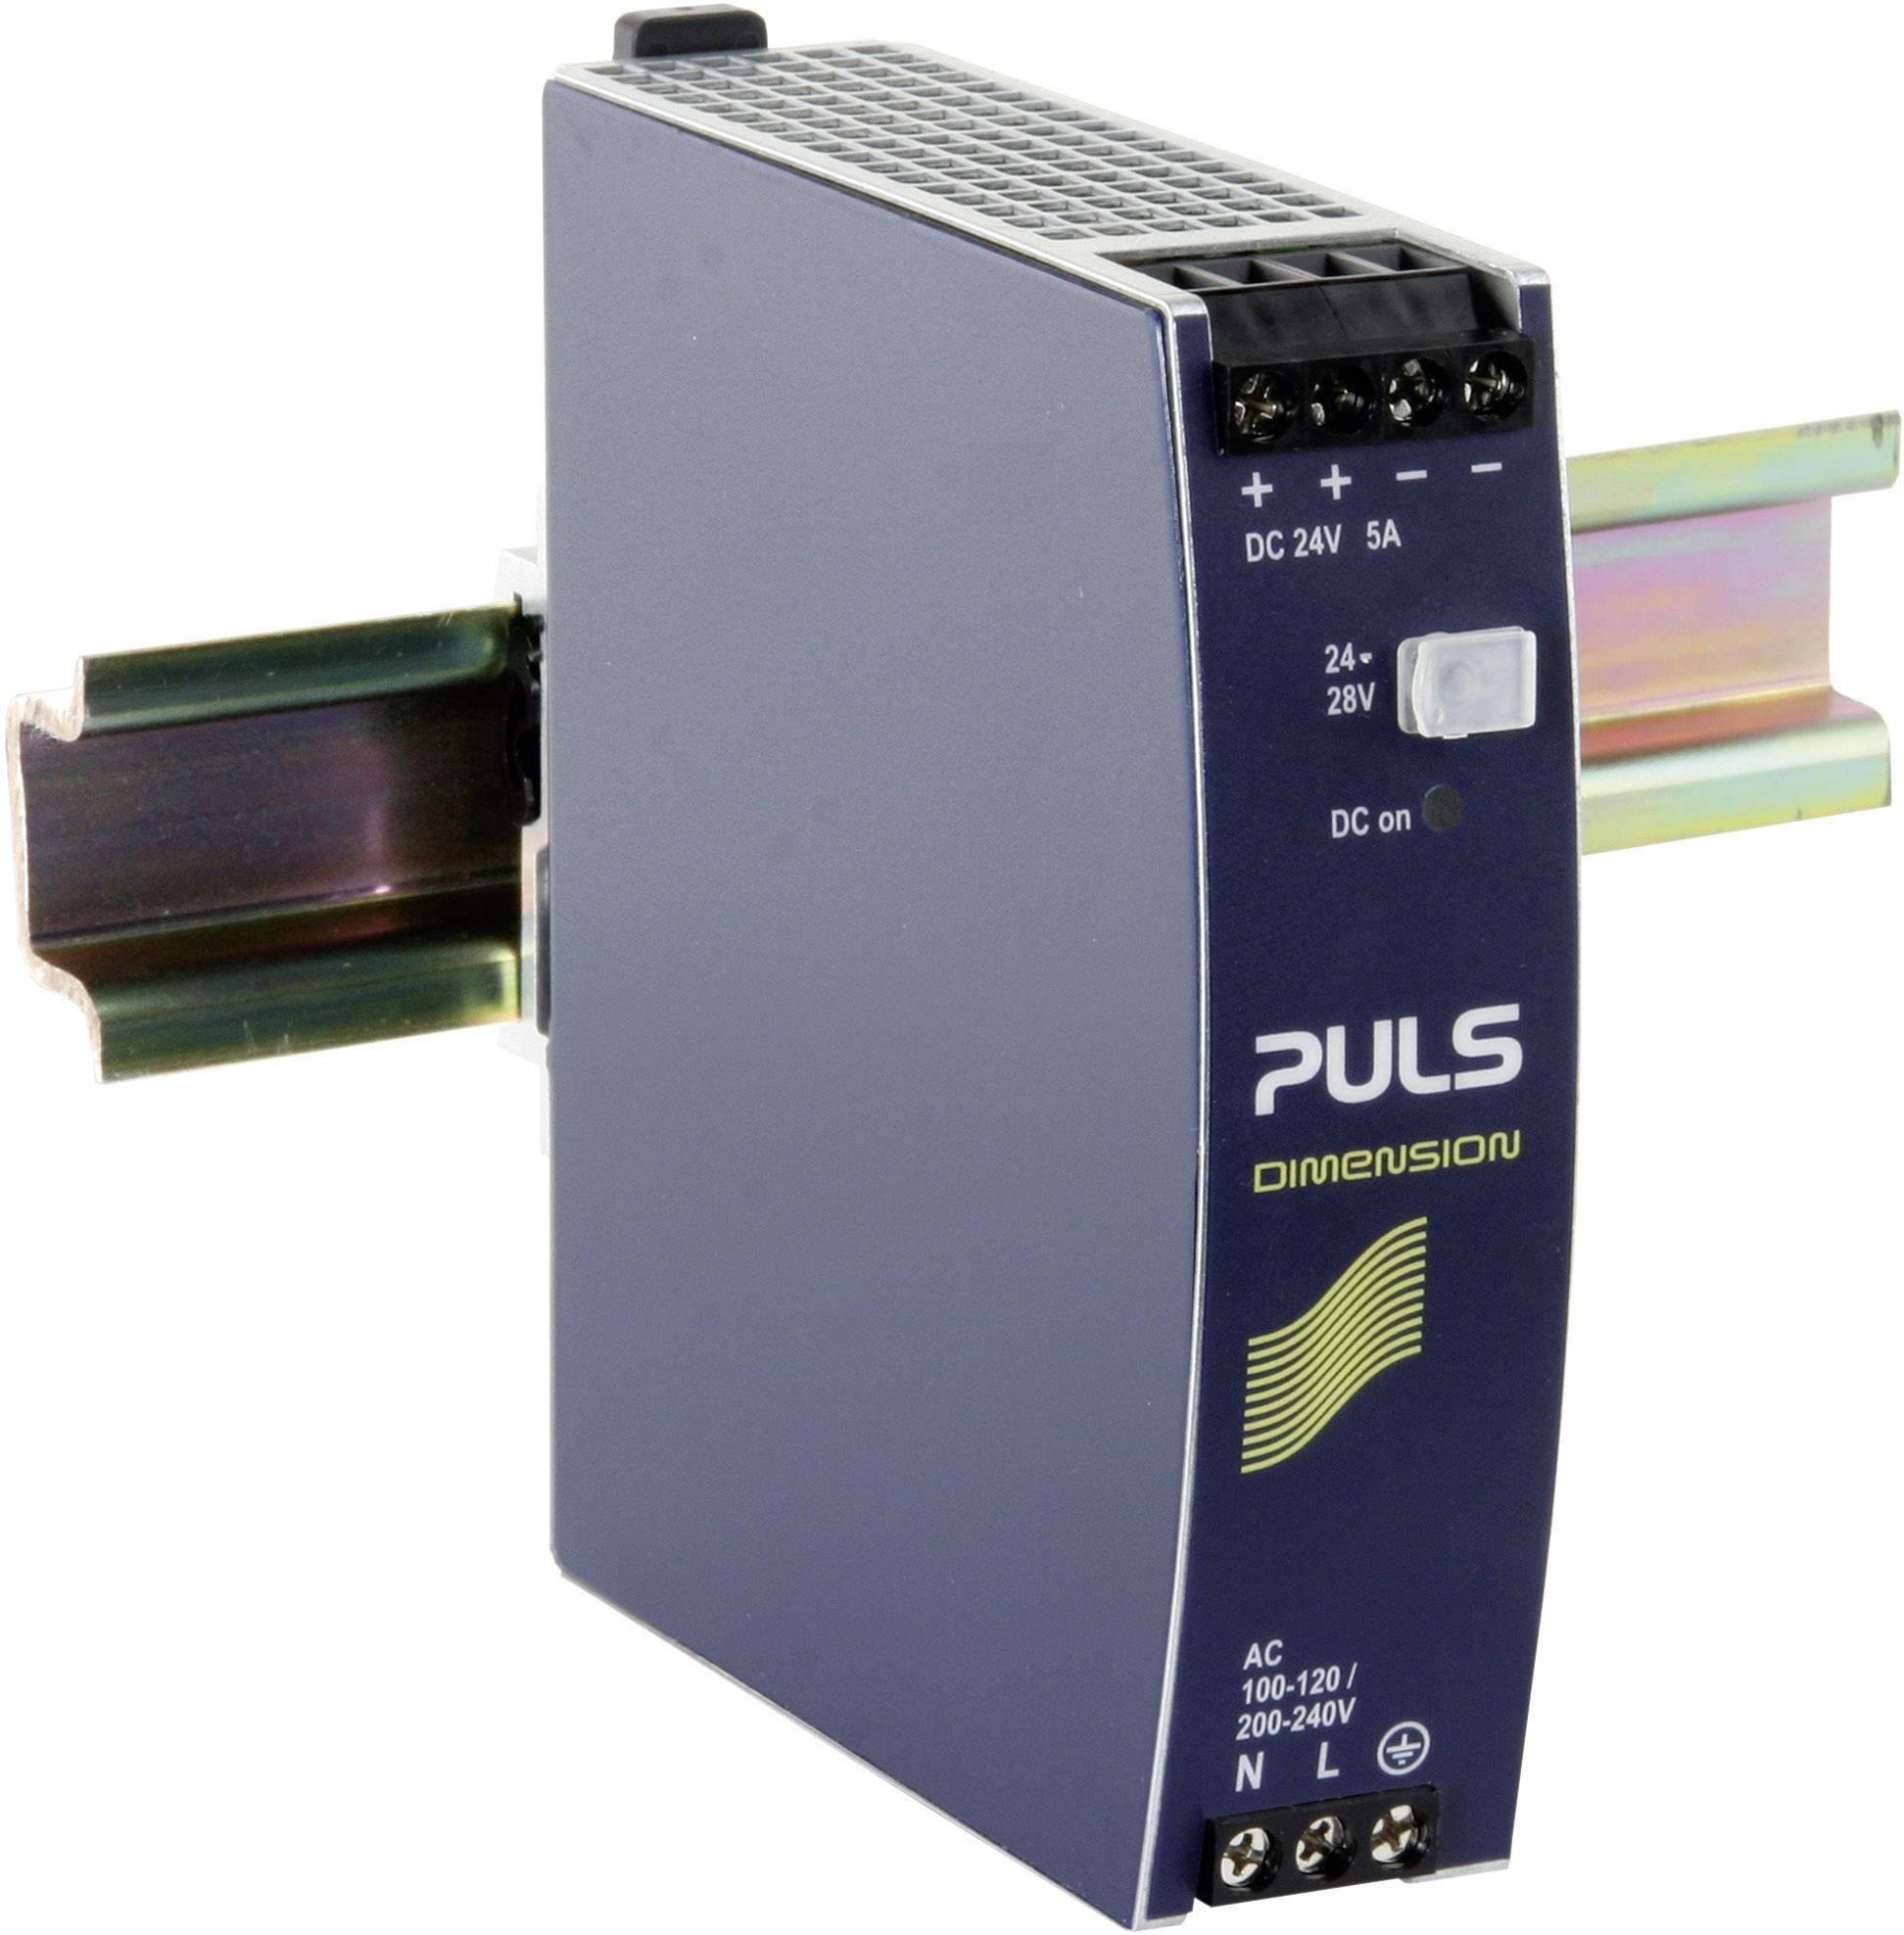 Sieťový zdroj na montážnu lištu (DIN lištu) PULS DIMENSION CS5.241, 1 x, 24 V/DC, 5 A, 120 W